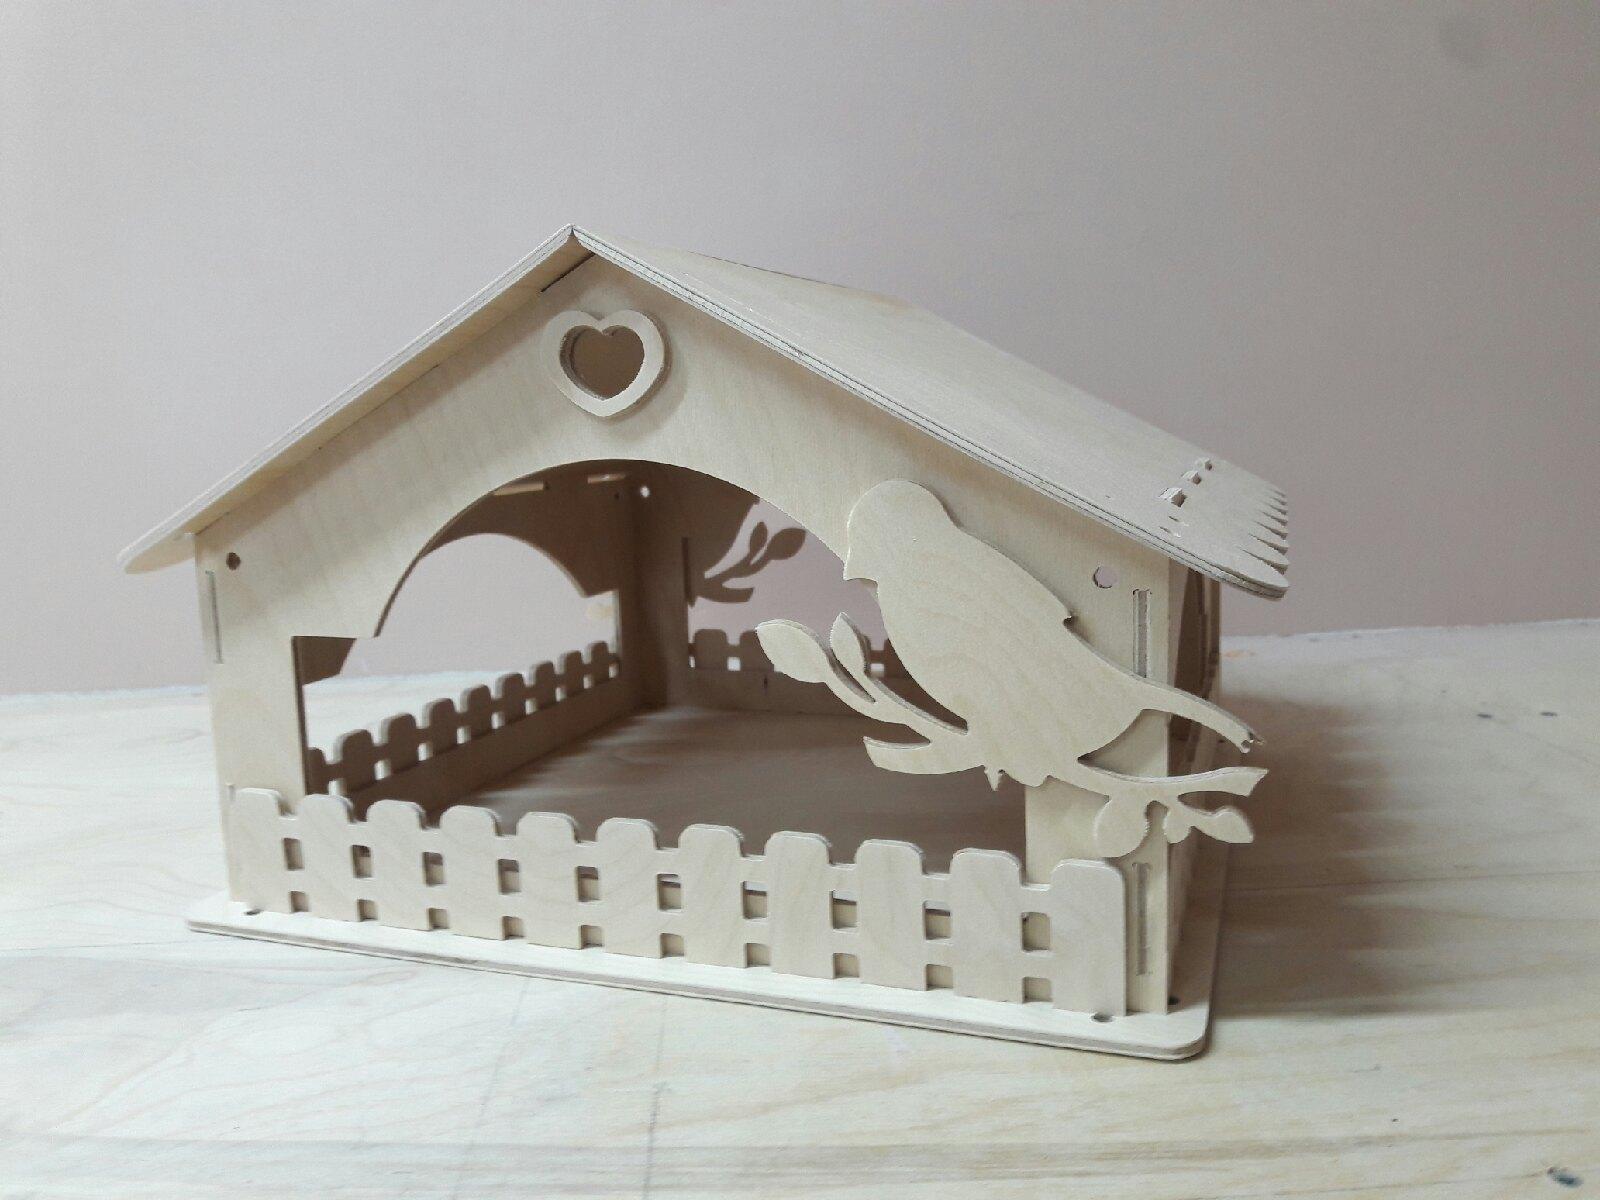 Laser Cut Wooden Bird House Bird Feeder Free DXF File